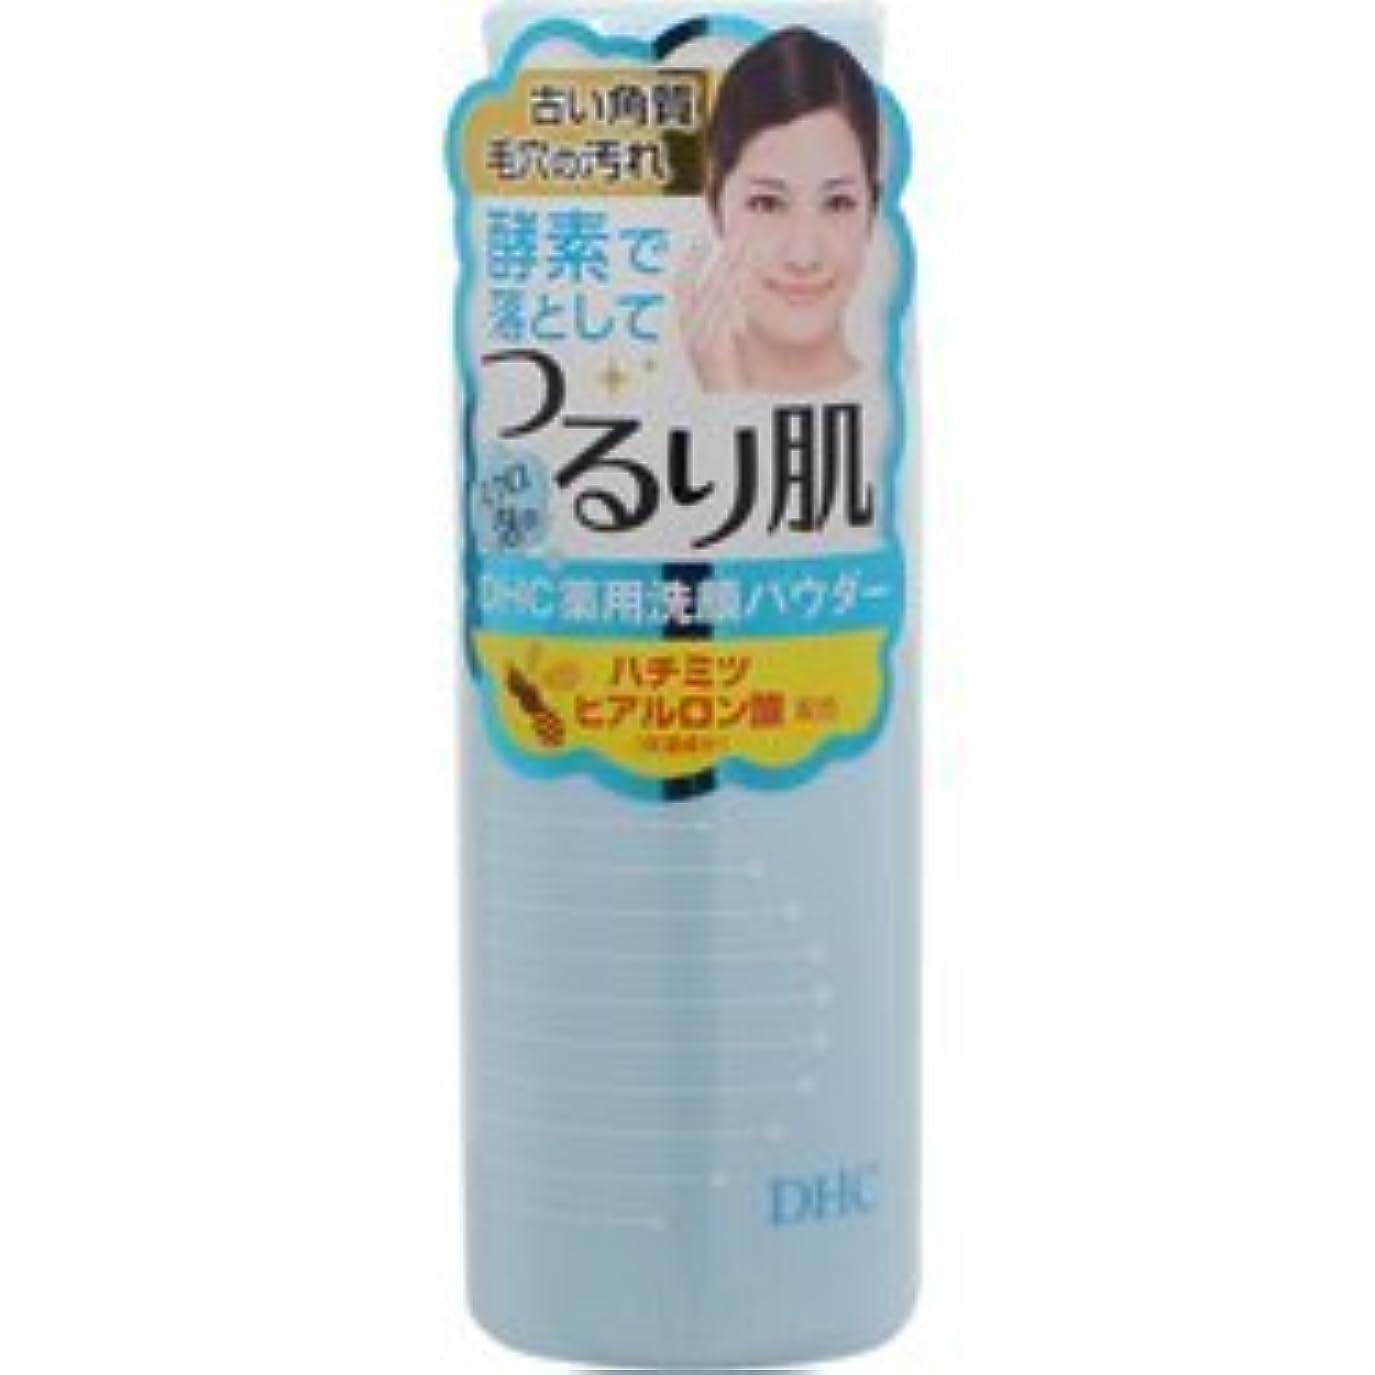 成功した大砲器用【DHC】薬用洗顔パウダーSS 50g ×5個セット